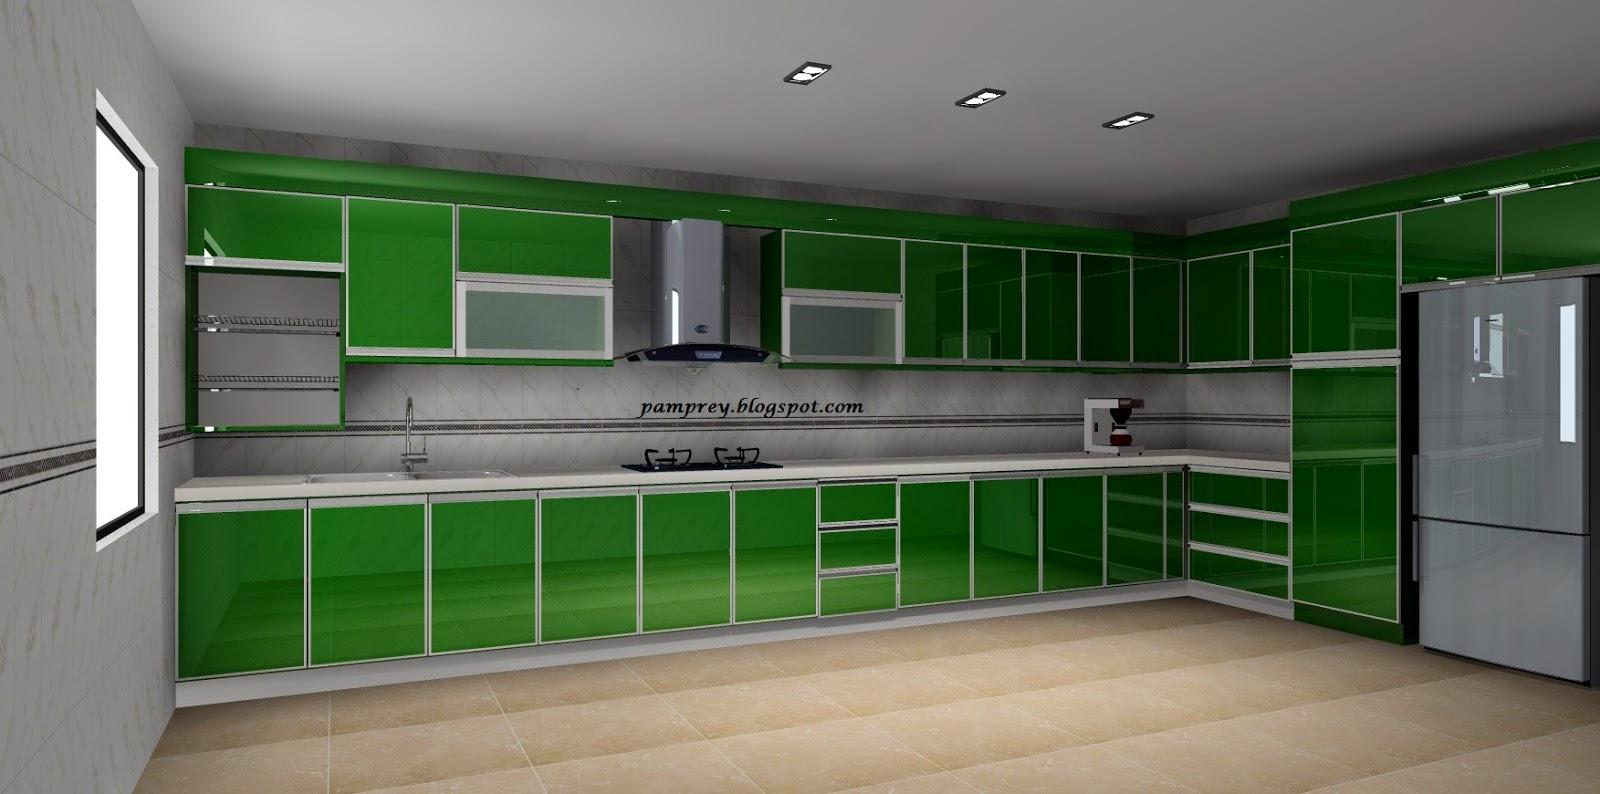 Kabinet Dapur 4g Desainrumahid